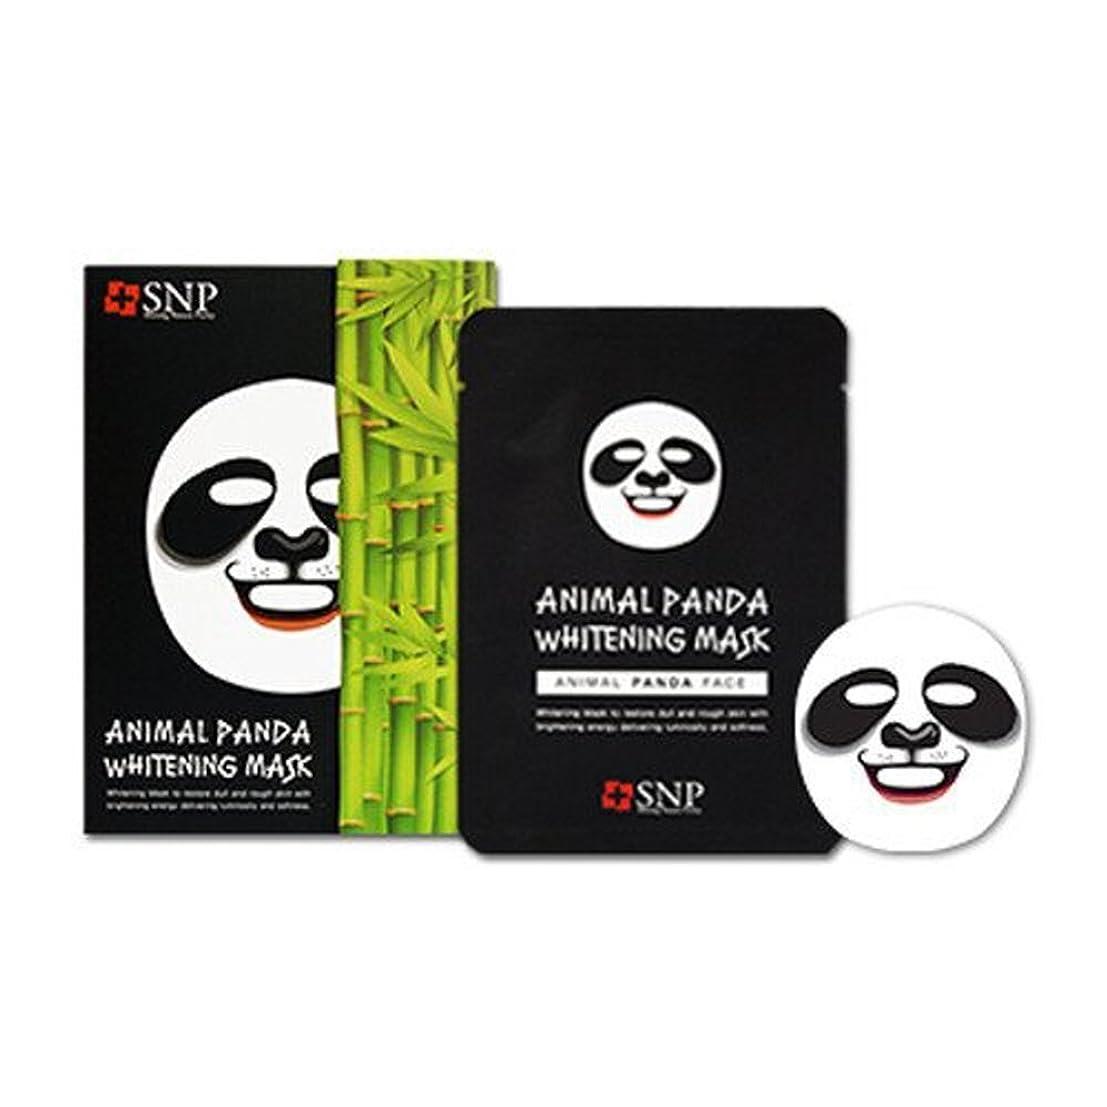 貯水池寝てる概してSNP エスエンピ 動物マスクシート 10枚入り1box (Animal Mask 10 sheet) 海外直送品 (パンダ Panda)